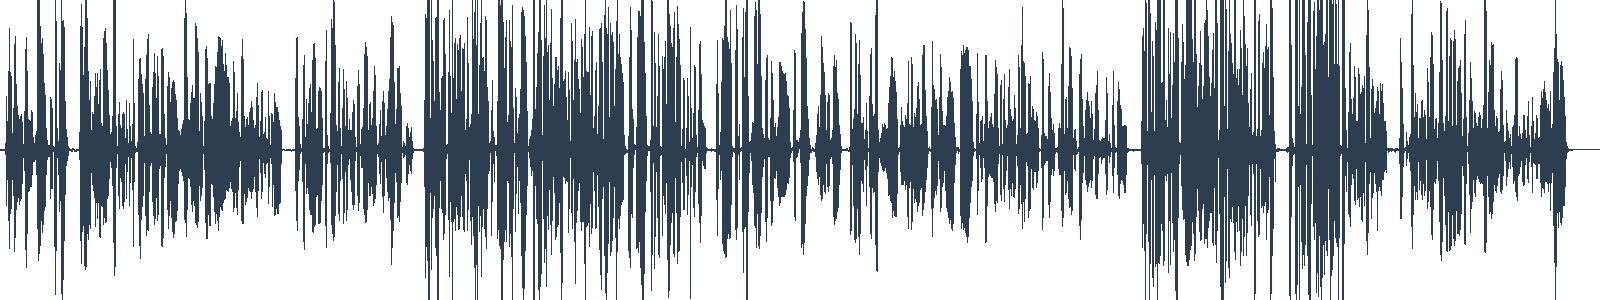 Audizáznamník waveform